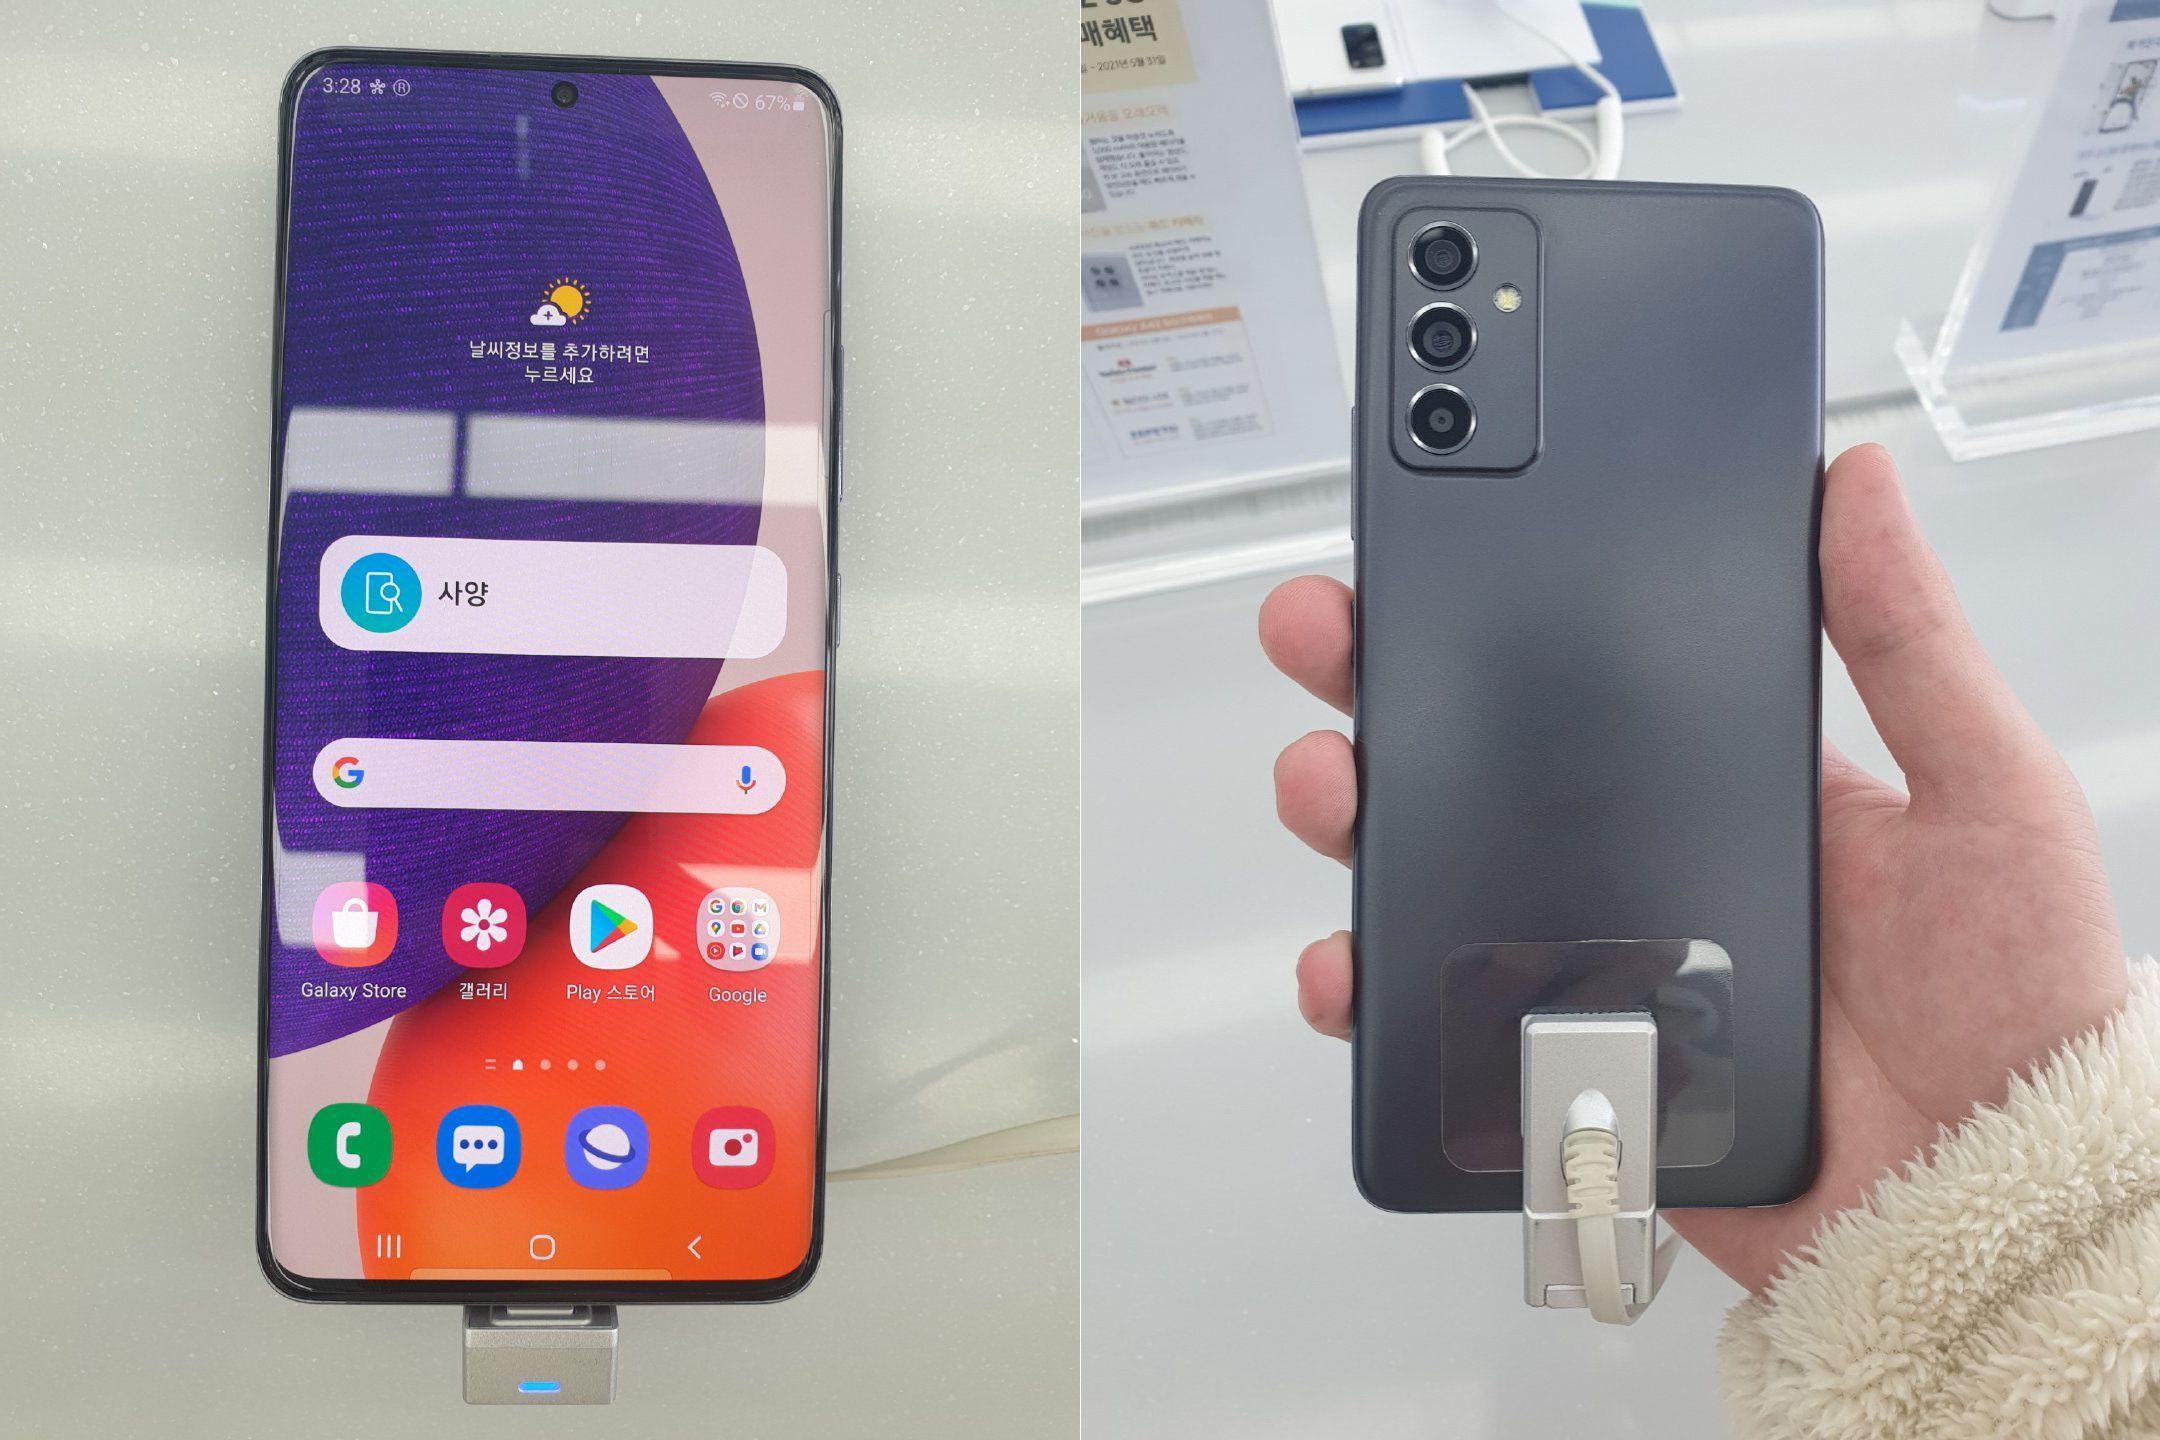 Samsung Galaxy A82 5G появился на фотографиях: дырявый экран с тонкими рамками и внешние вид, как у Galaxy A52 и Galaxy A72